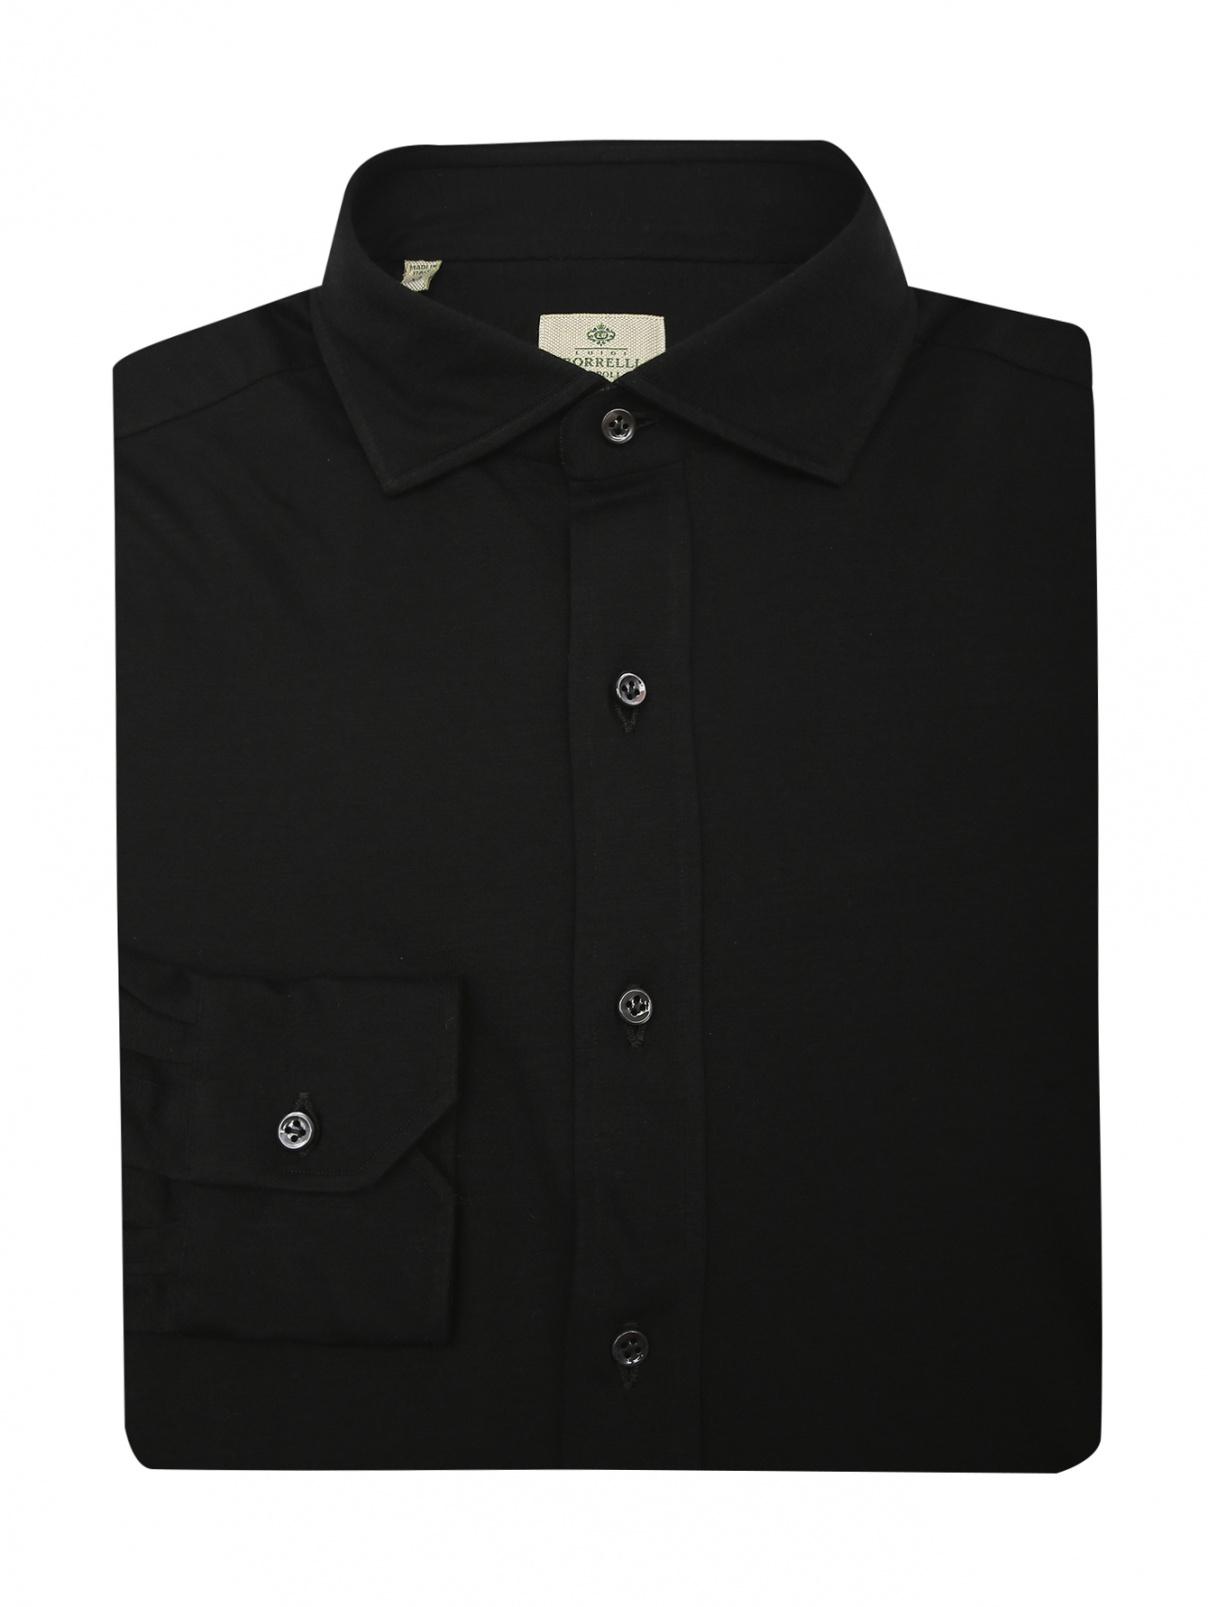 Рубашка из хлопка Borrelli  –  Общий вид  – Цвет:  Черный